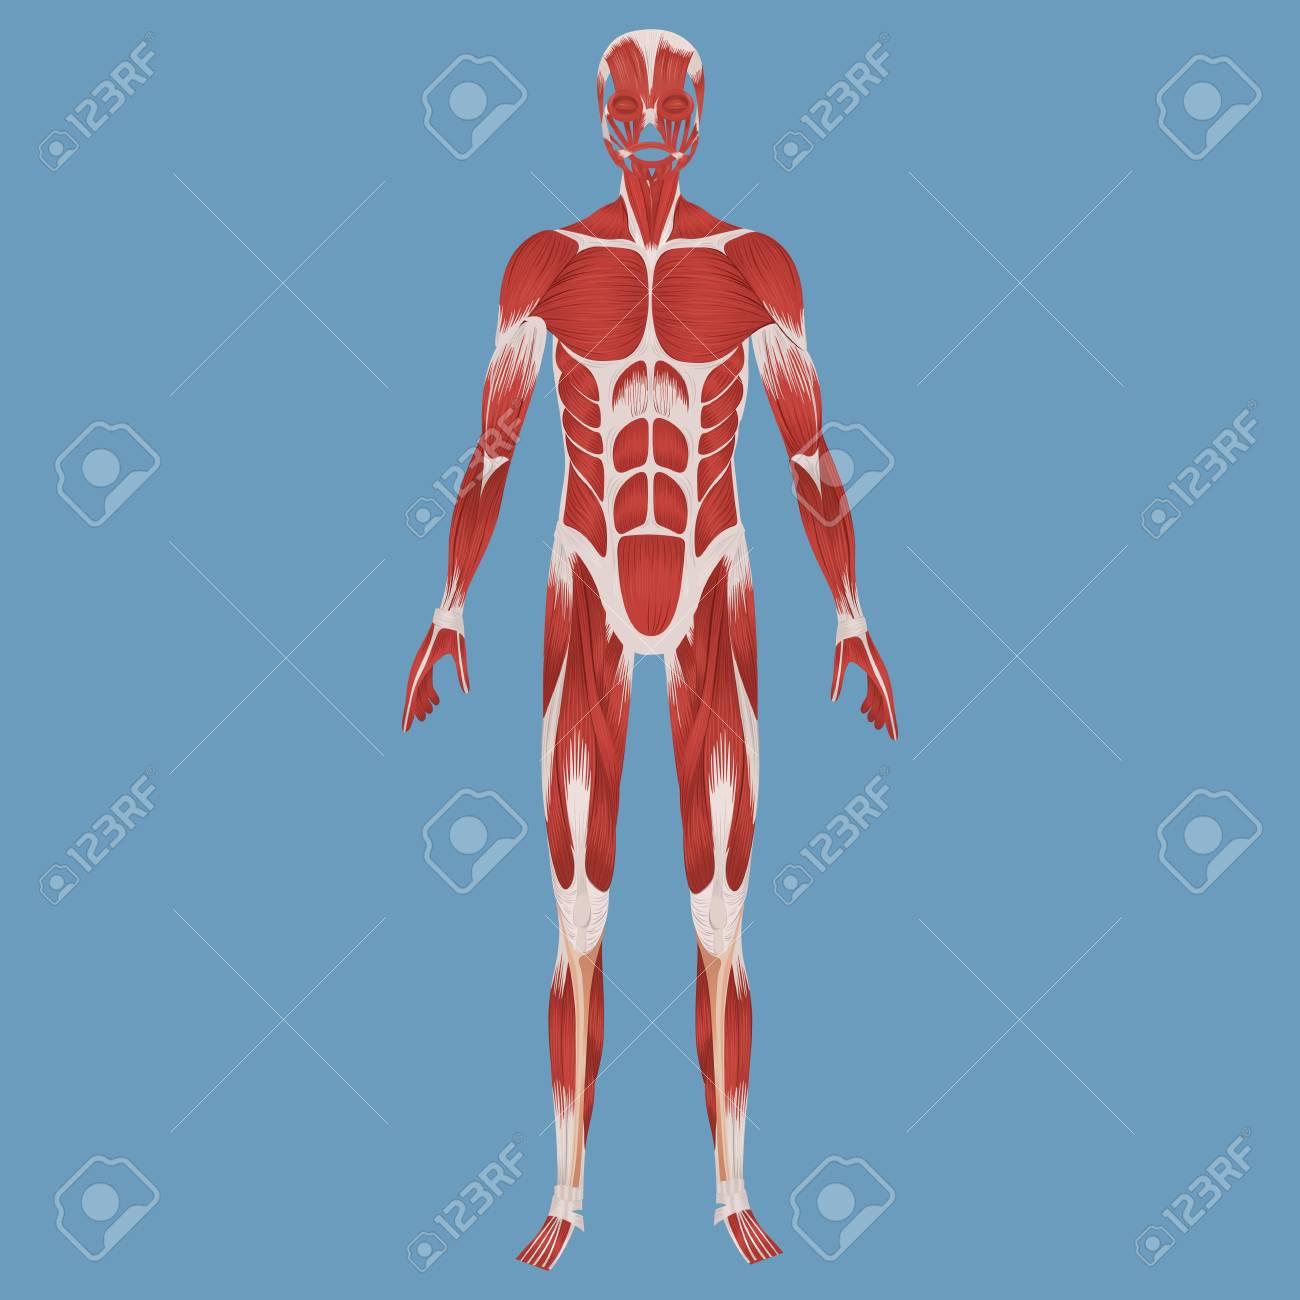 Ilustración Del Sistema Muscular Humano Fotos, Retratos, Imágenes Y ...